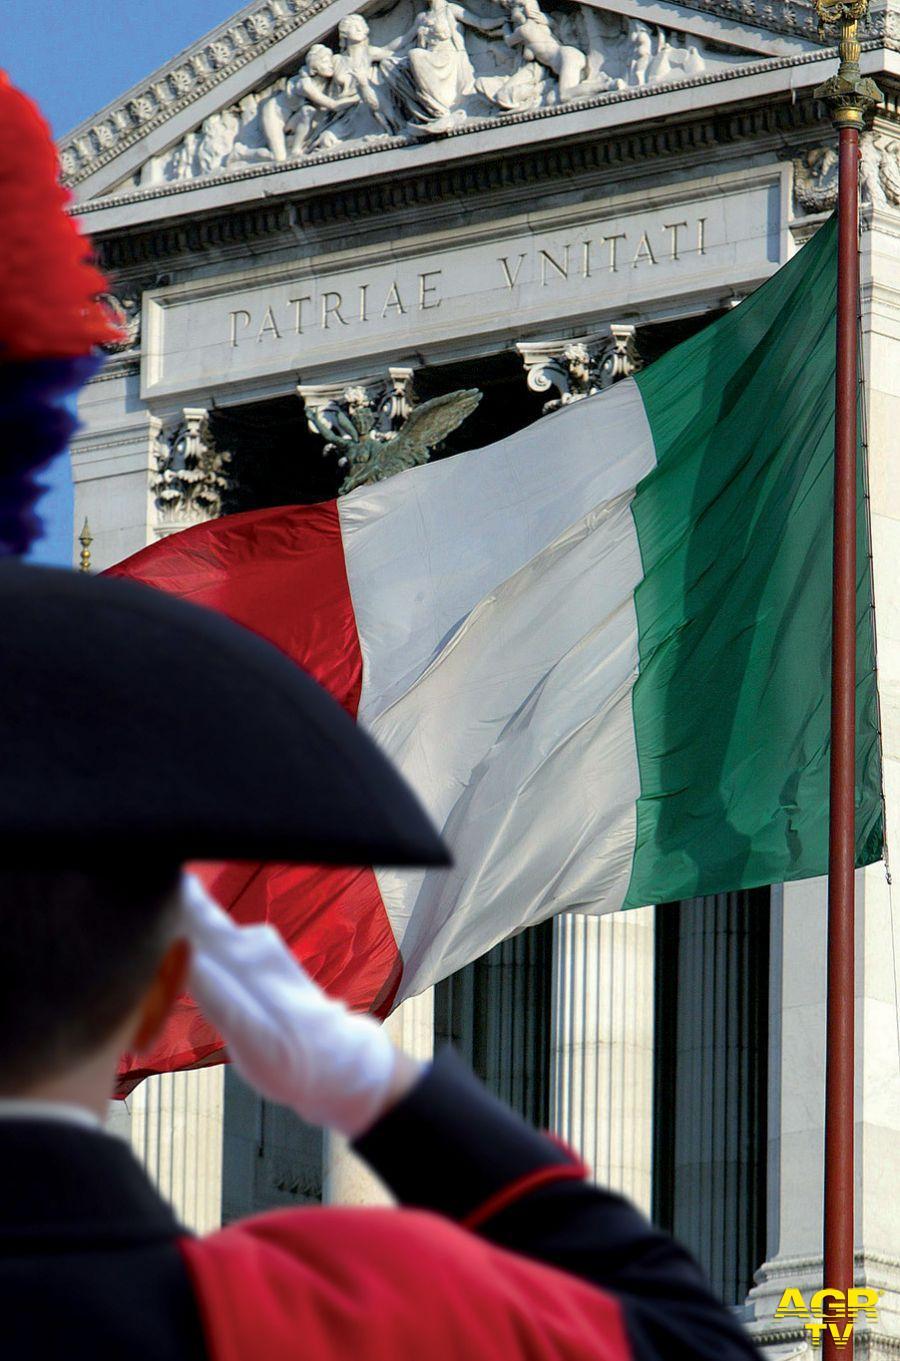 Strappano la bandiera italiana, nei guai tre turisti d'oltralpe